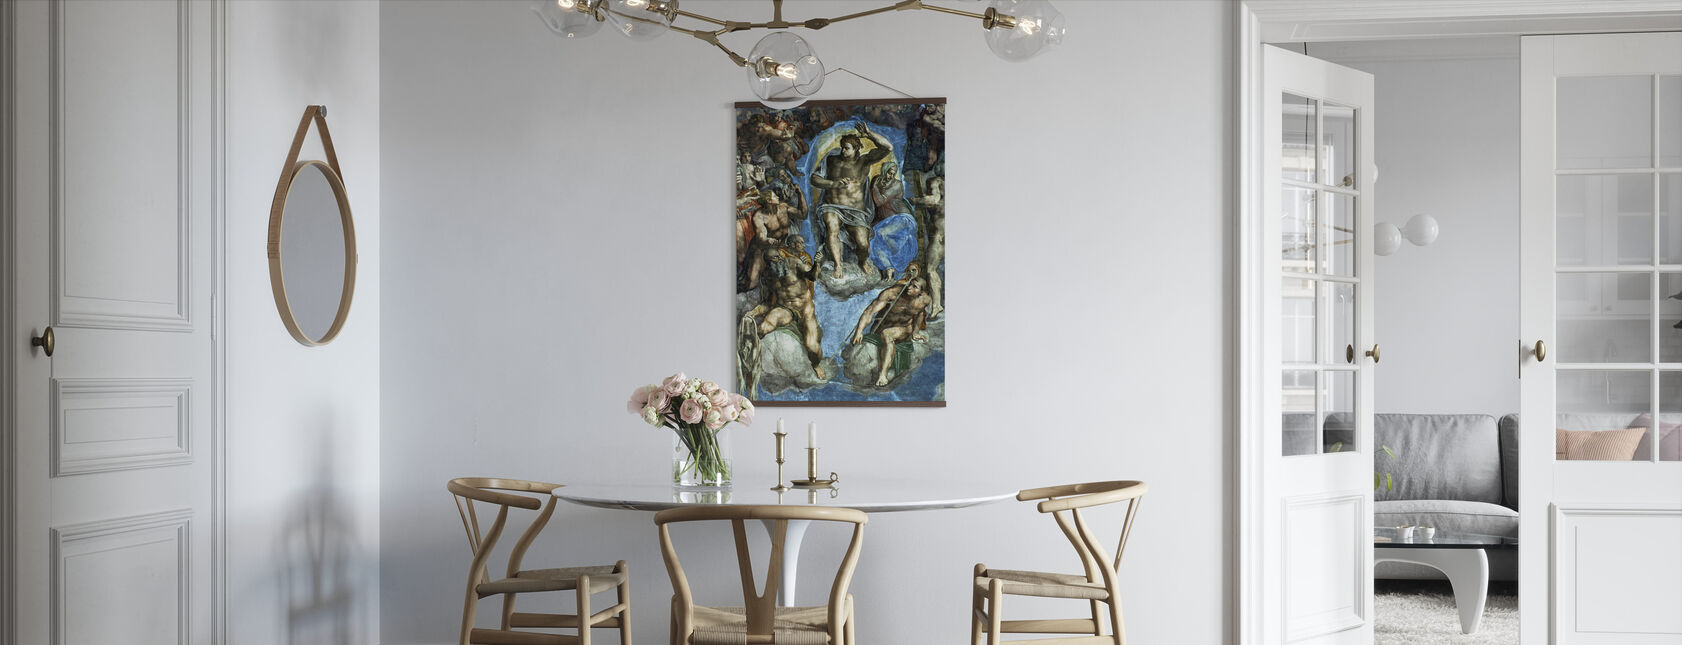 Last Judgement - Michelangelo Buonarroti - Poster - Kitchen